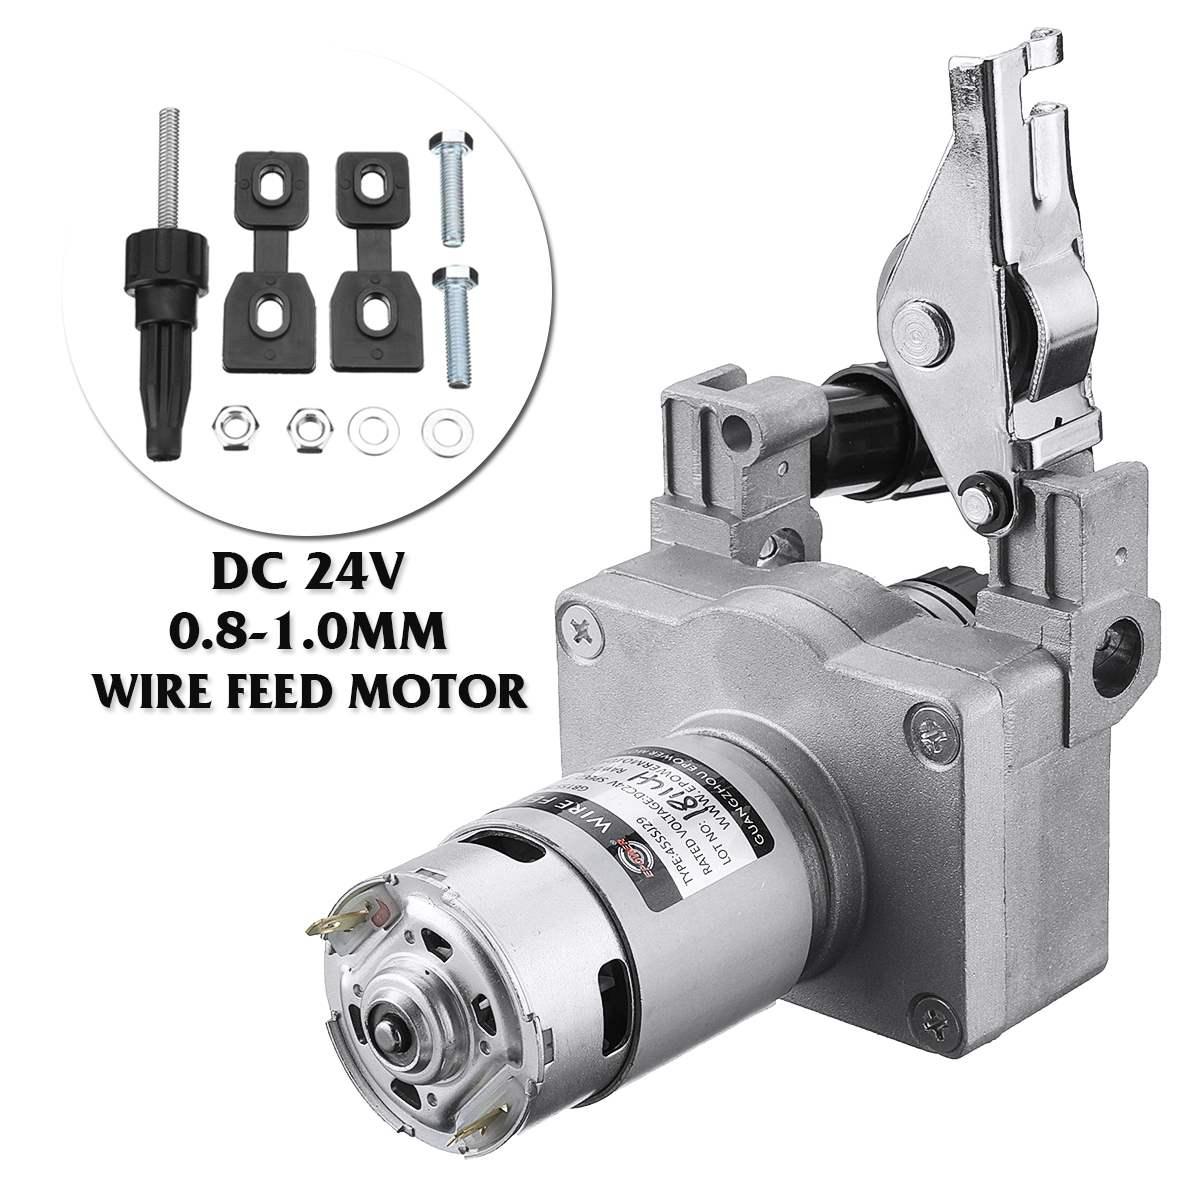 Heißer Verkauf 0,8-1,0mm Schweiß Draht Feed Motor Montage Feeder Set DC24V Ohne Stecker Draht Feeder